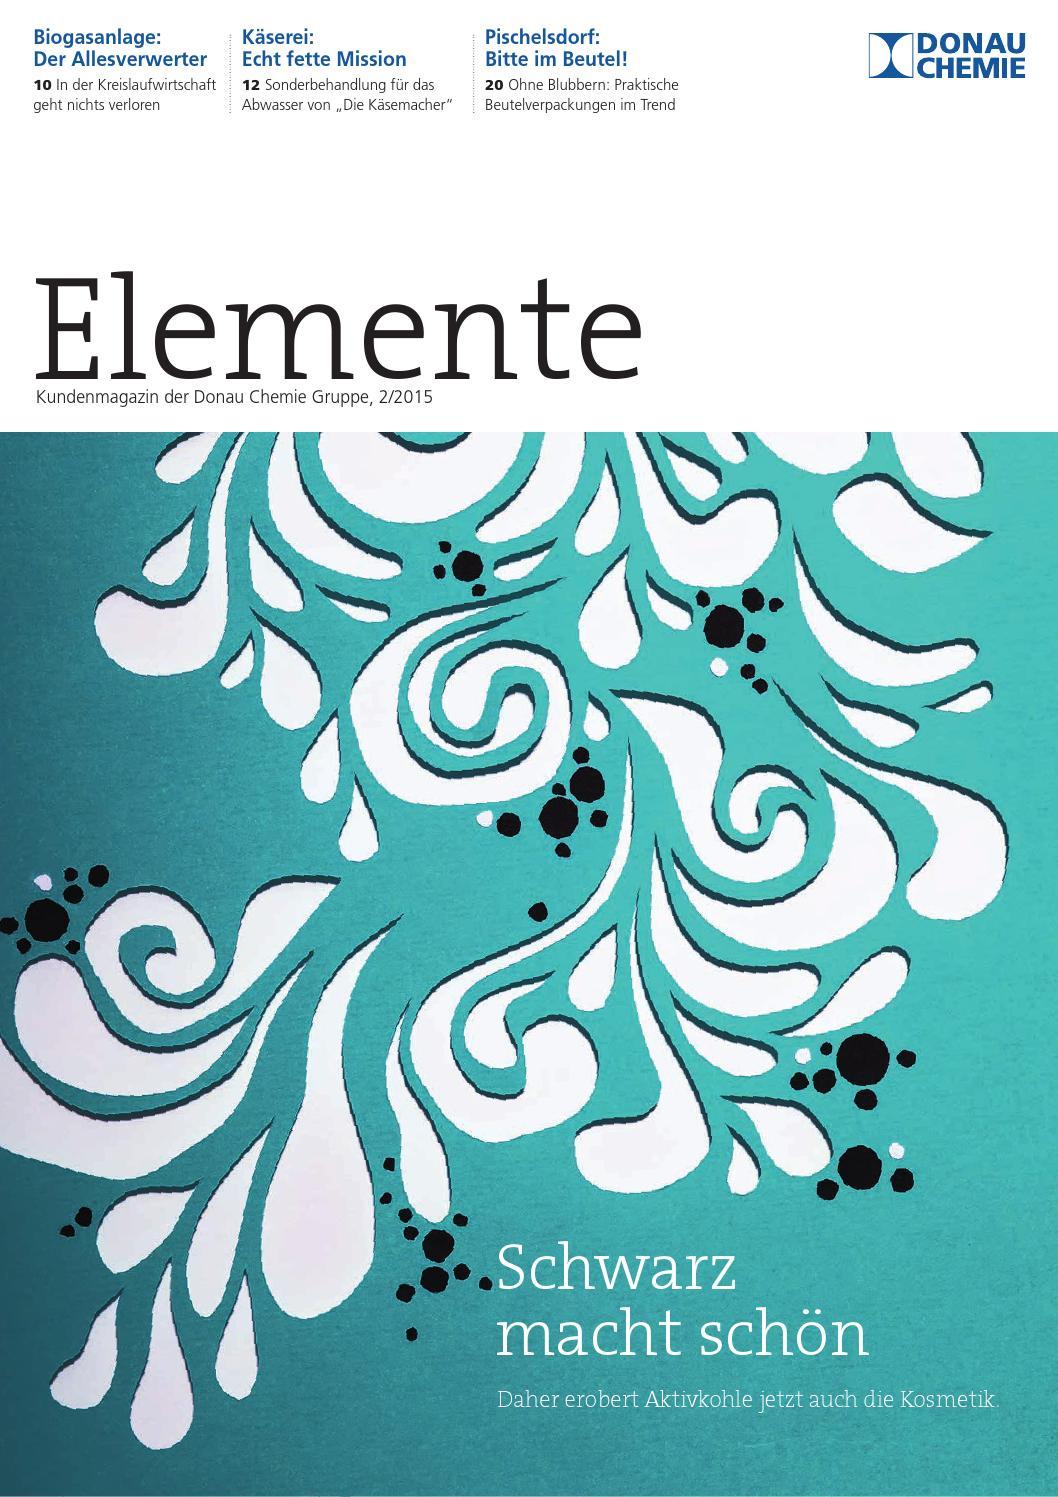 Elemente 2/2015 by Donau Chemie AG - issuu